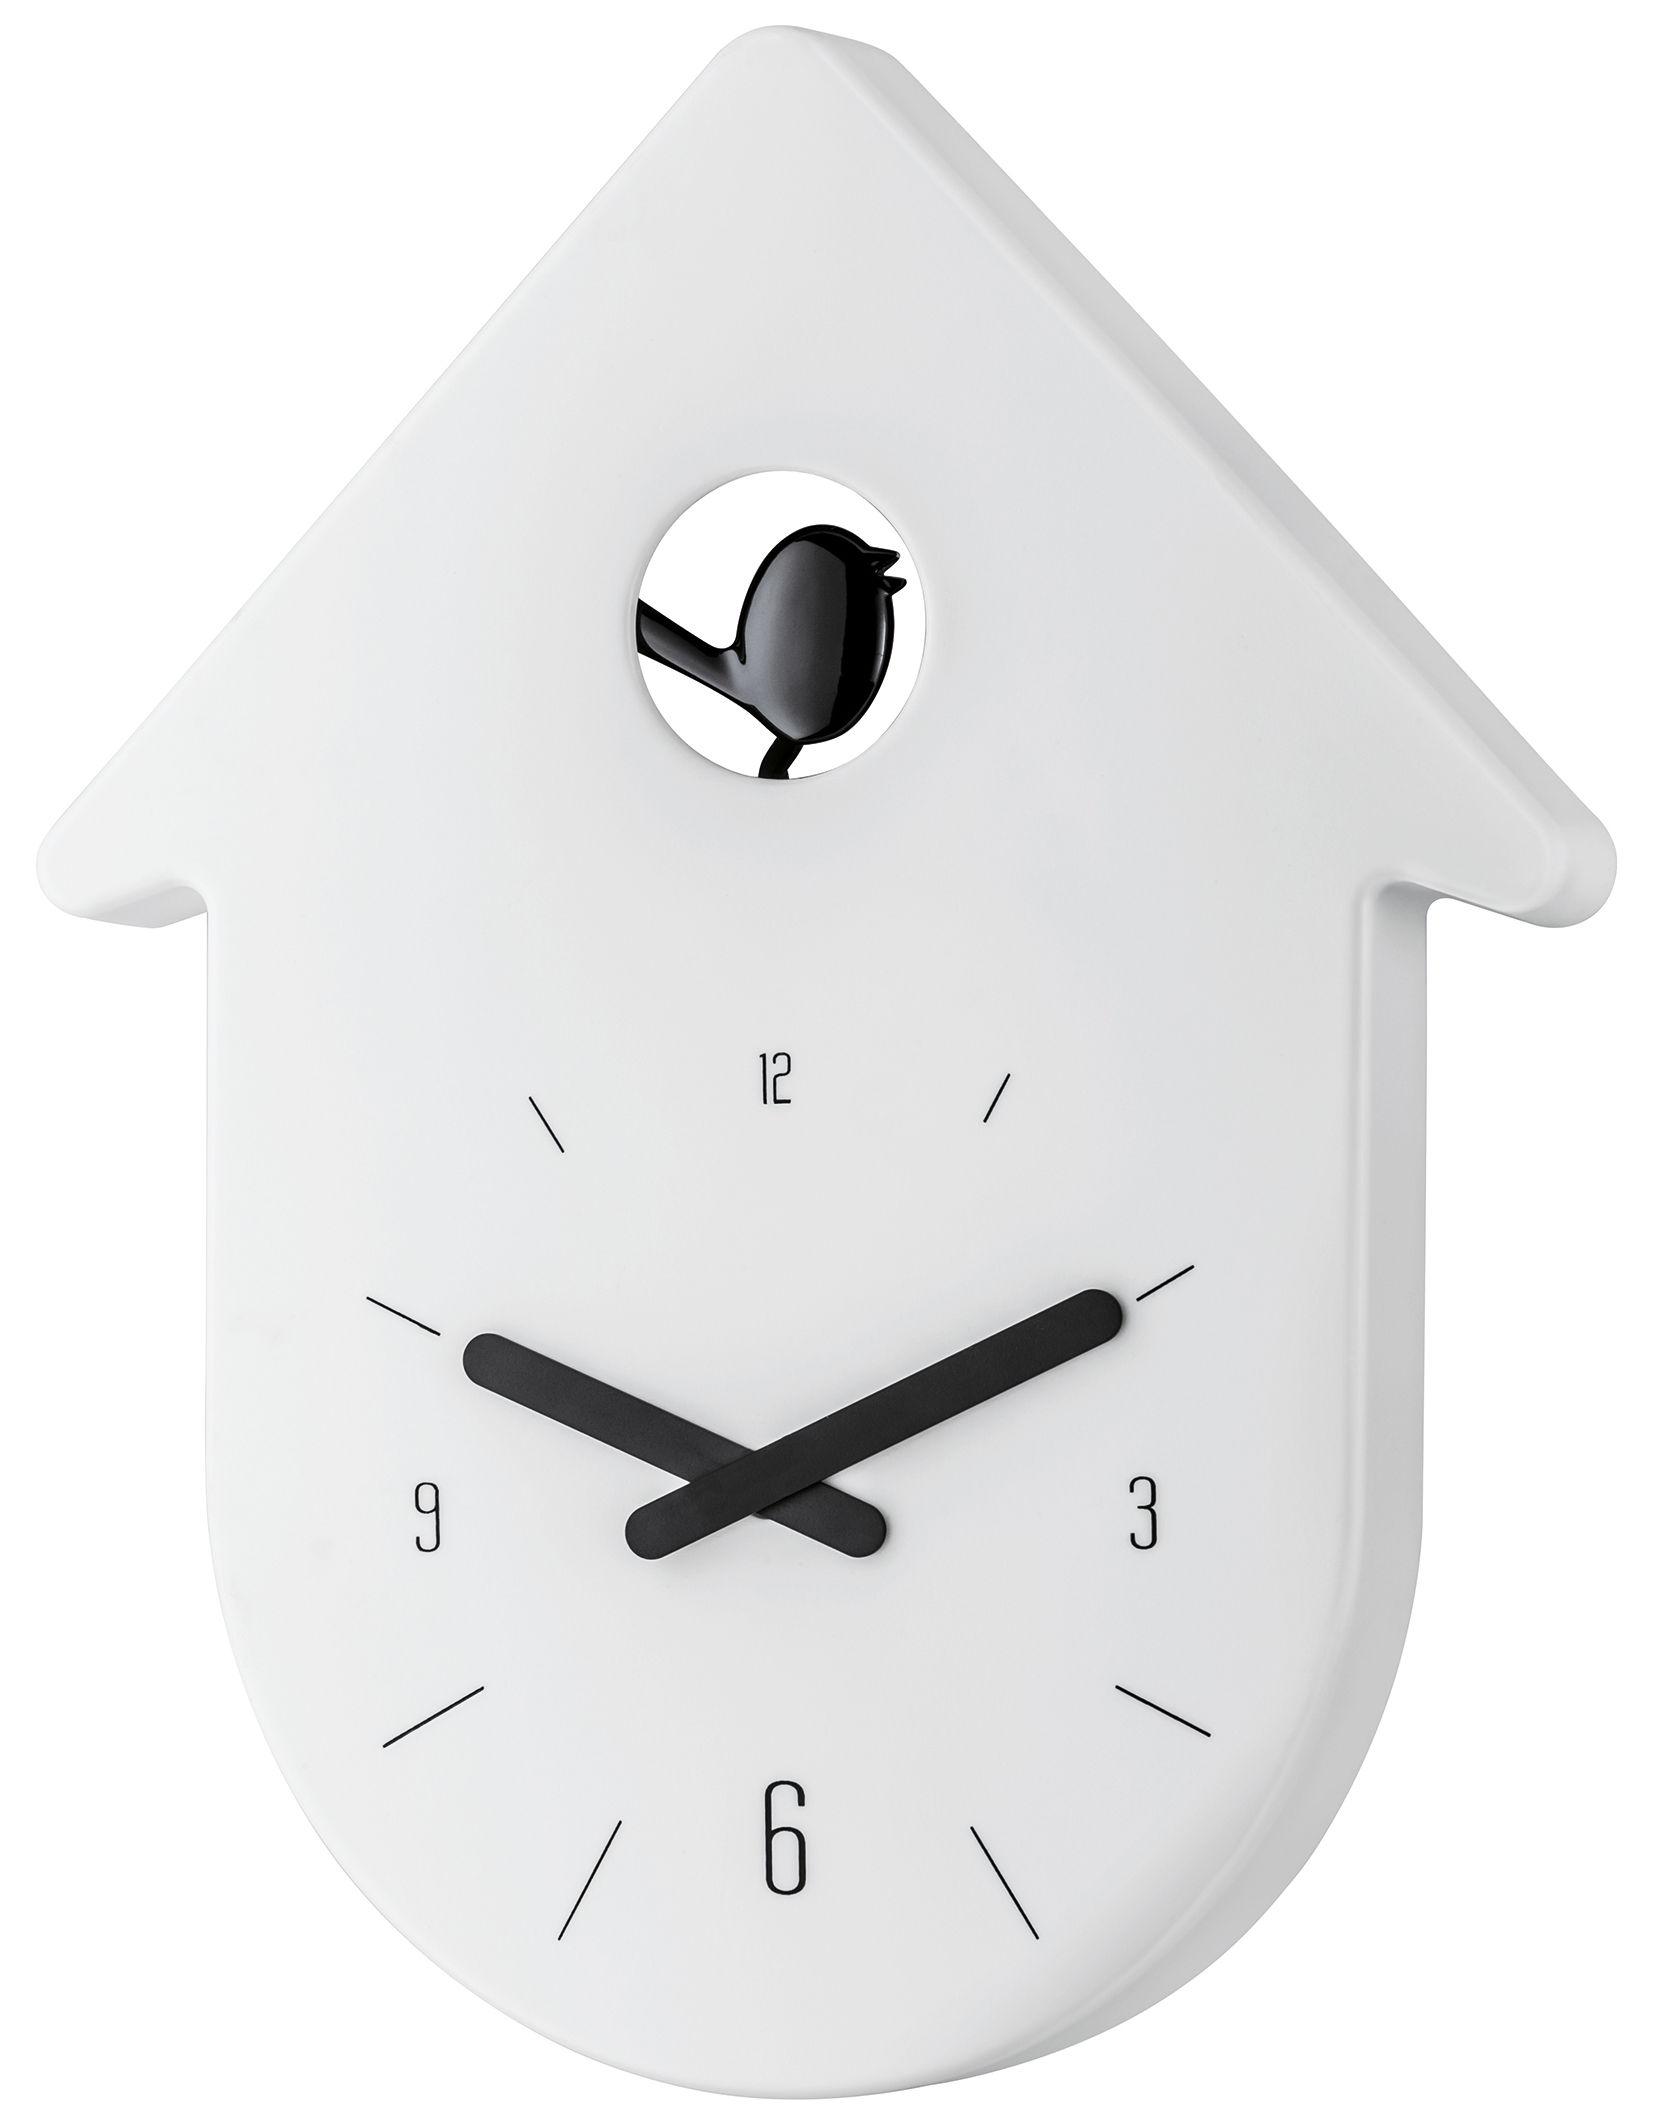 Dekoration - Uhren - Horloge murale Toc-Toc - Koziol - Cadran : blanc / Aiguilles : noir - Plastique recyclable